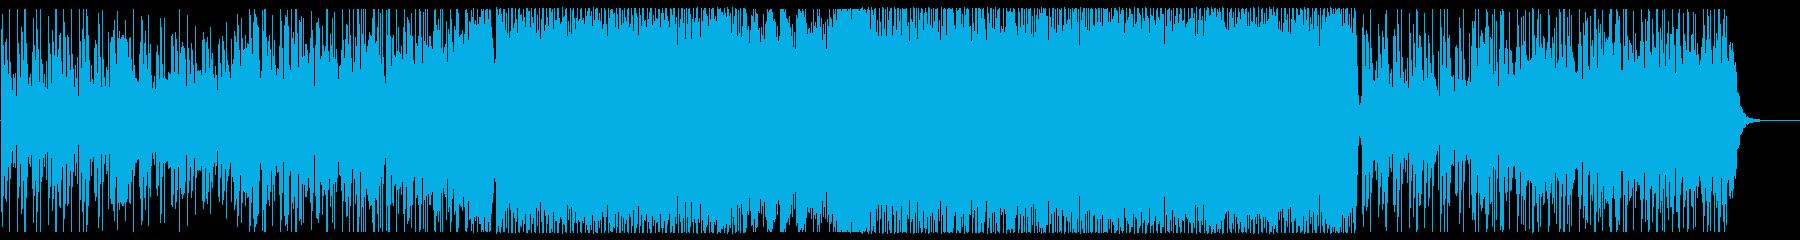 スタイリッシュでおしゃれなメロディーの再生済みの波形